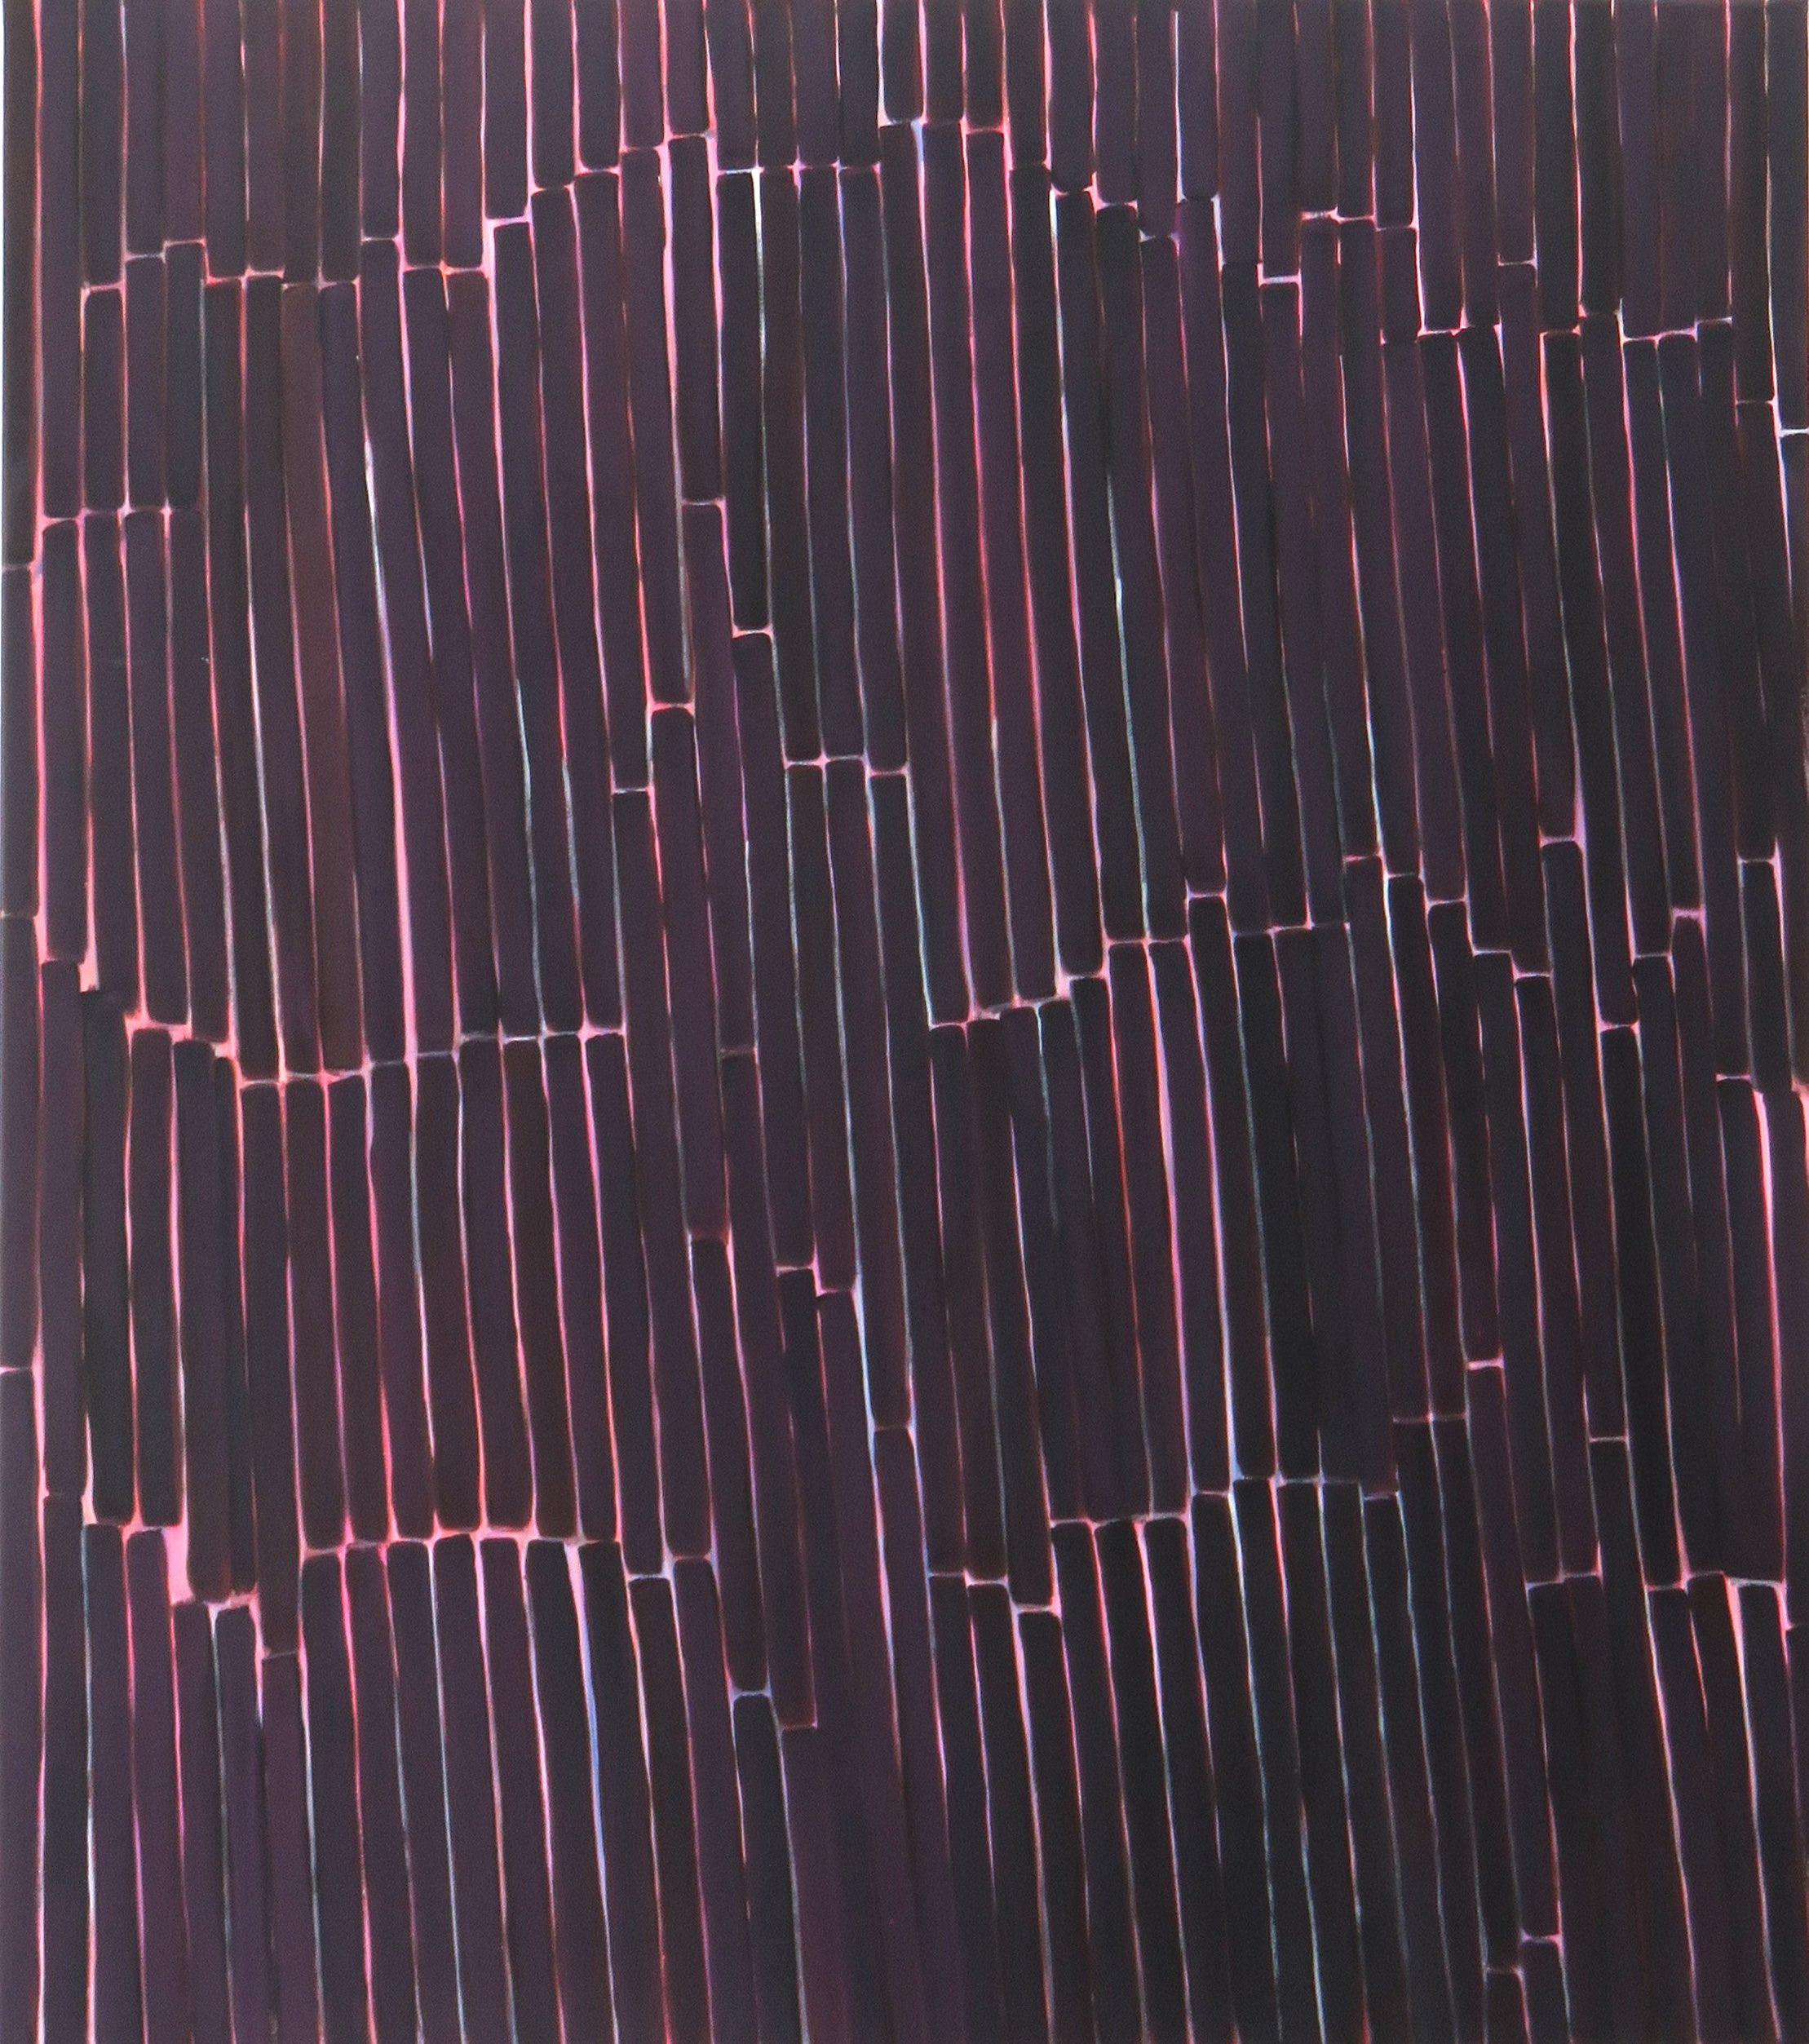 oT_2017_Acryl auf Lwd_160x140cm